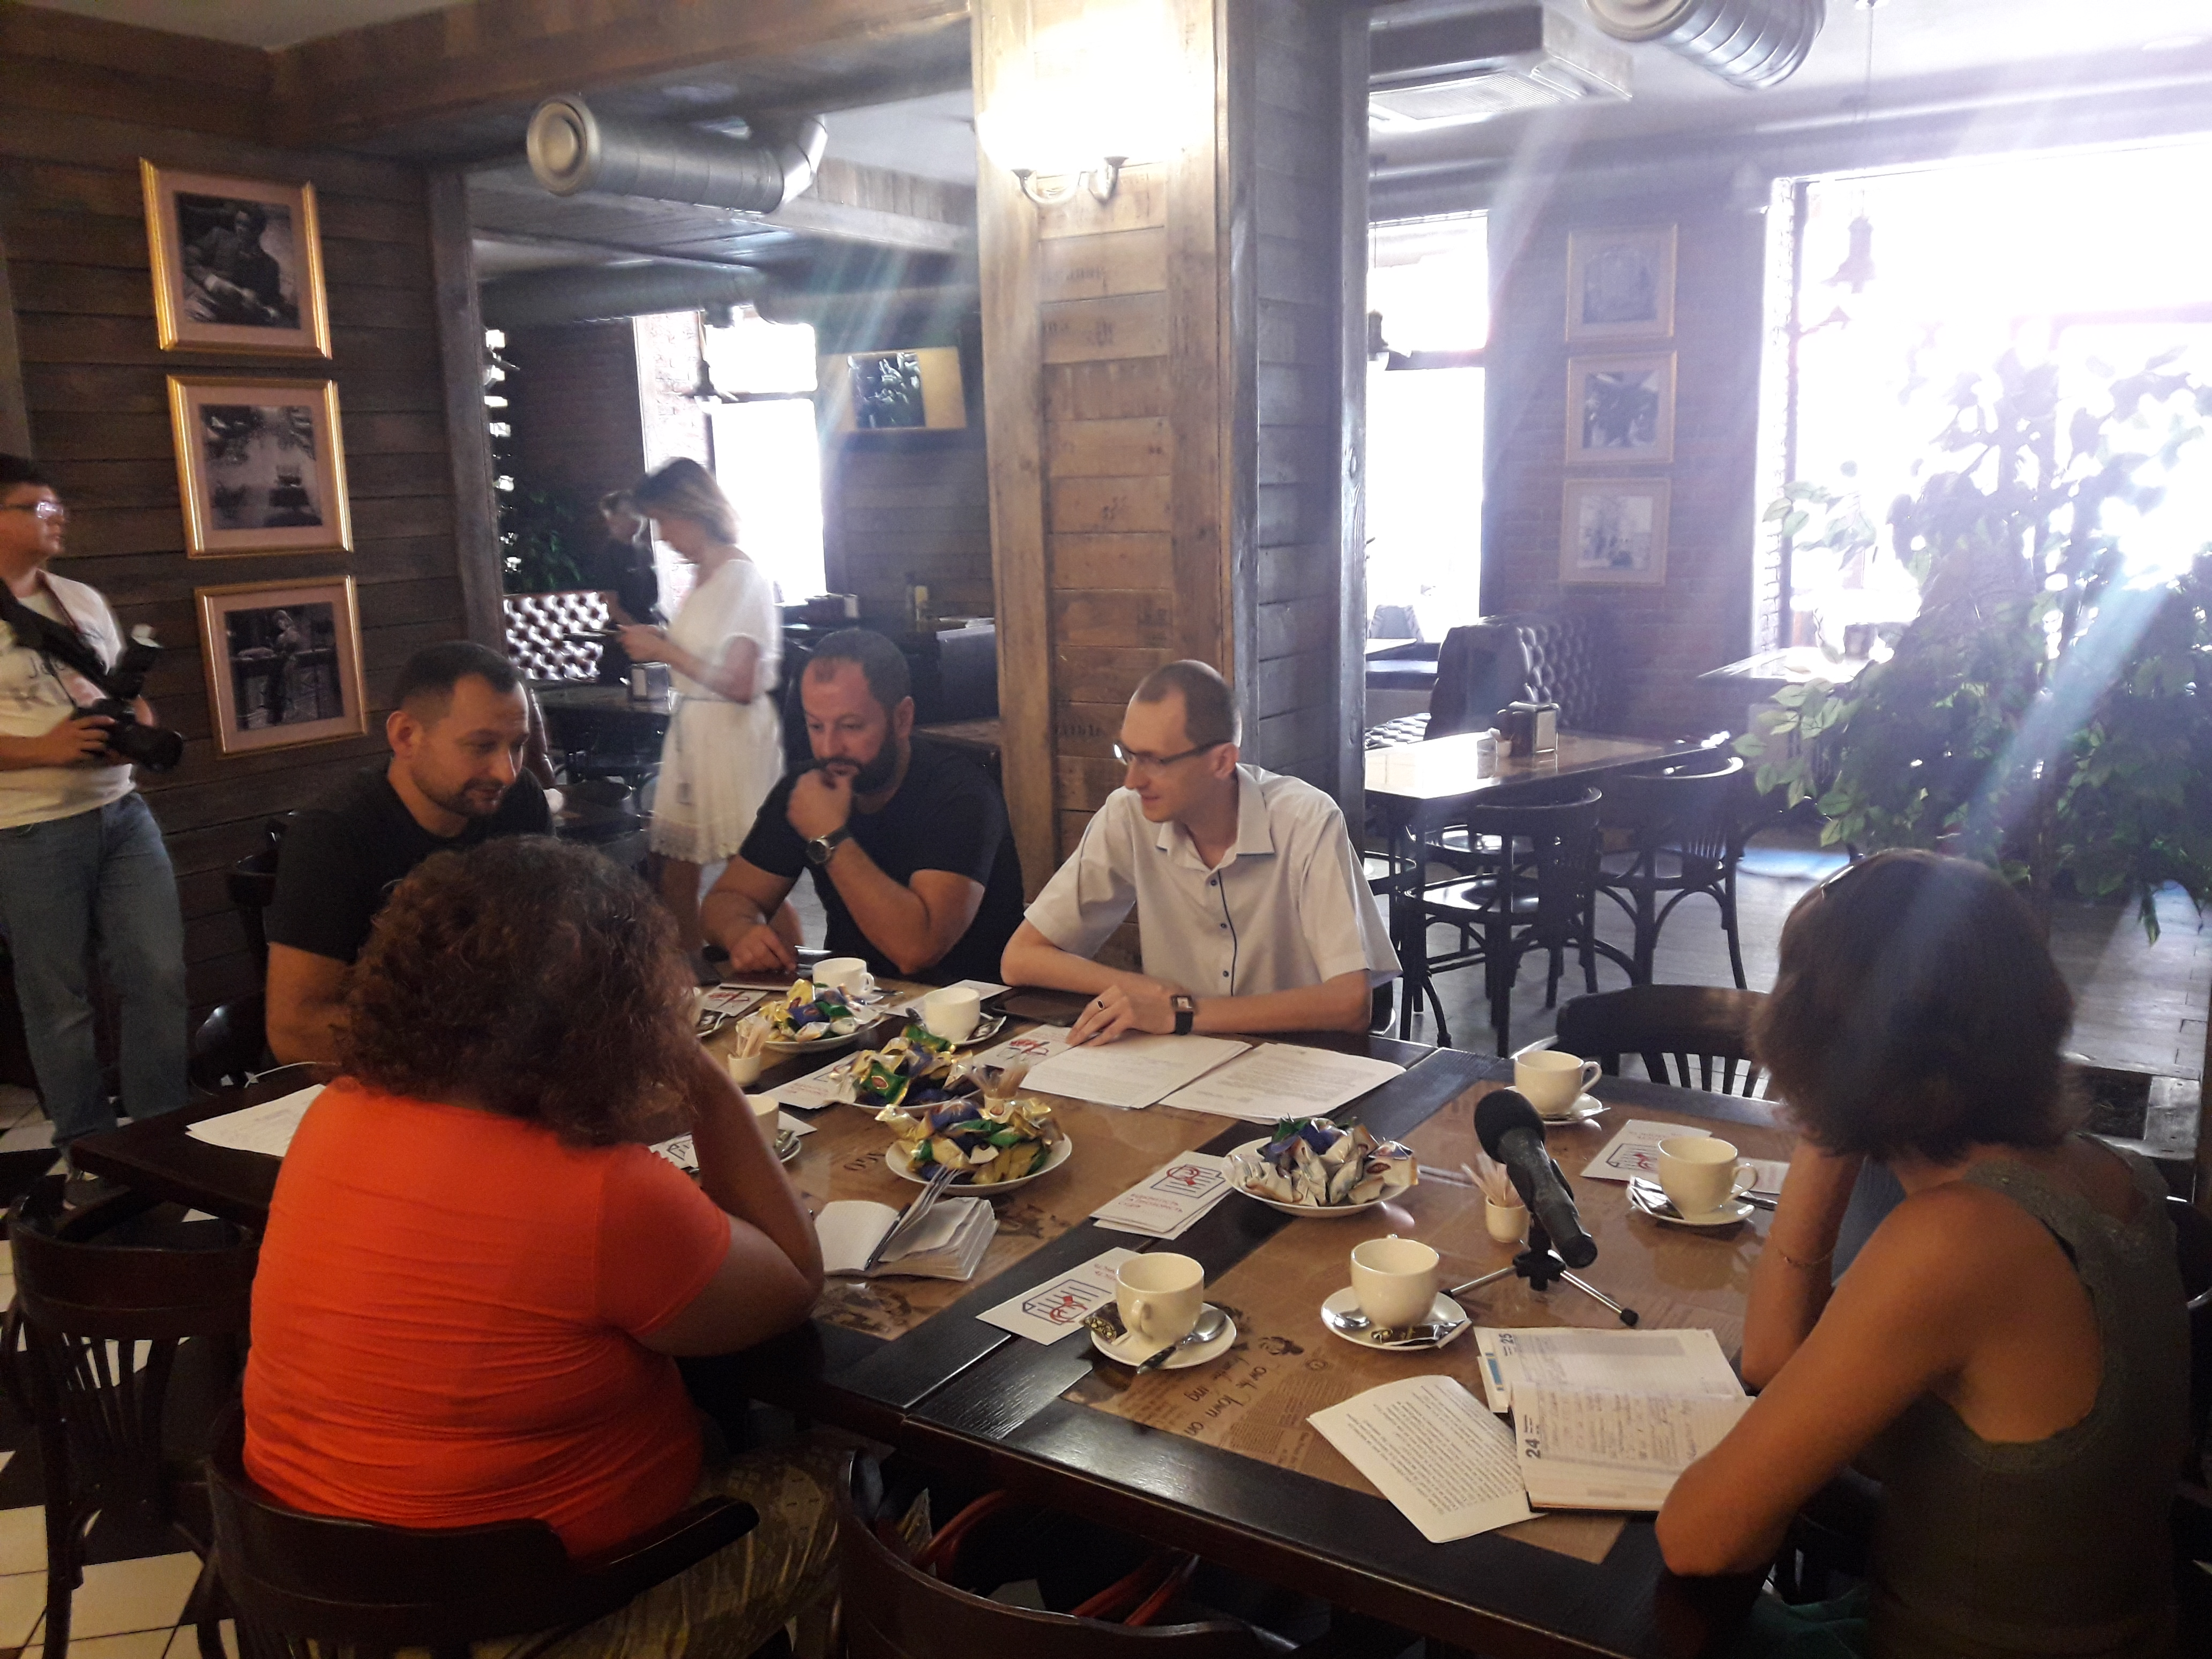 Як проходить судова реформа у Покровську розповідали на прес-сніданку журналістів та активістів громади з суддею-спікером, фото-3